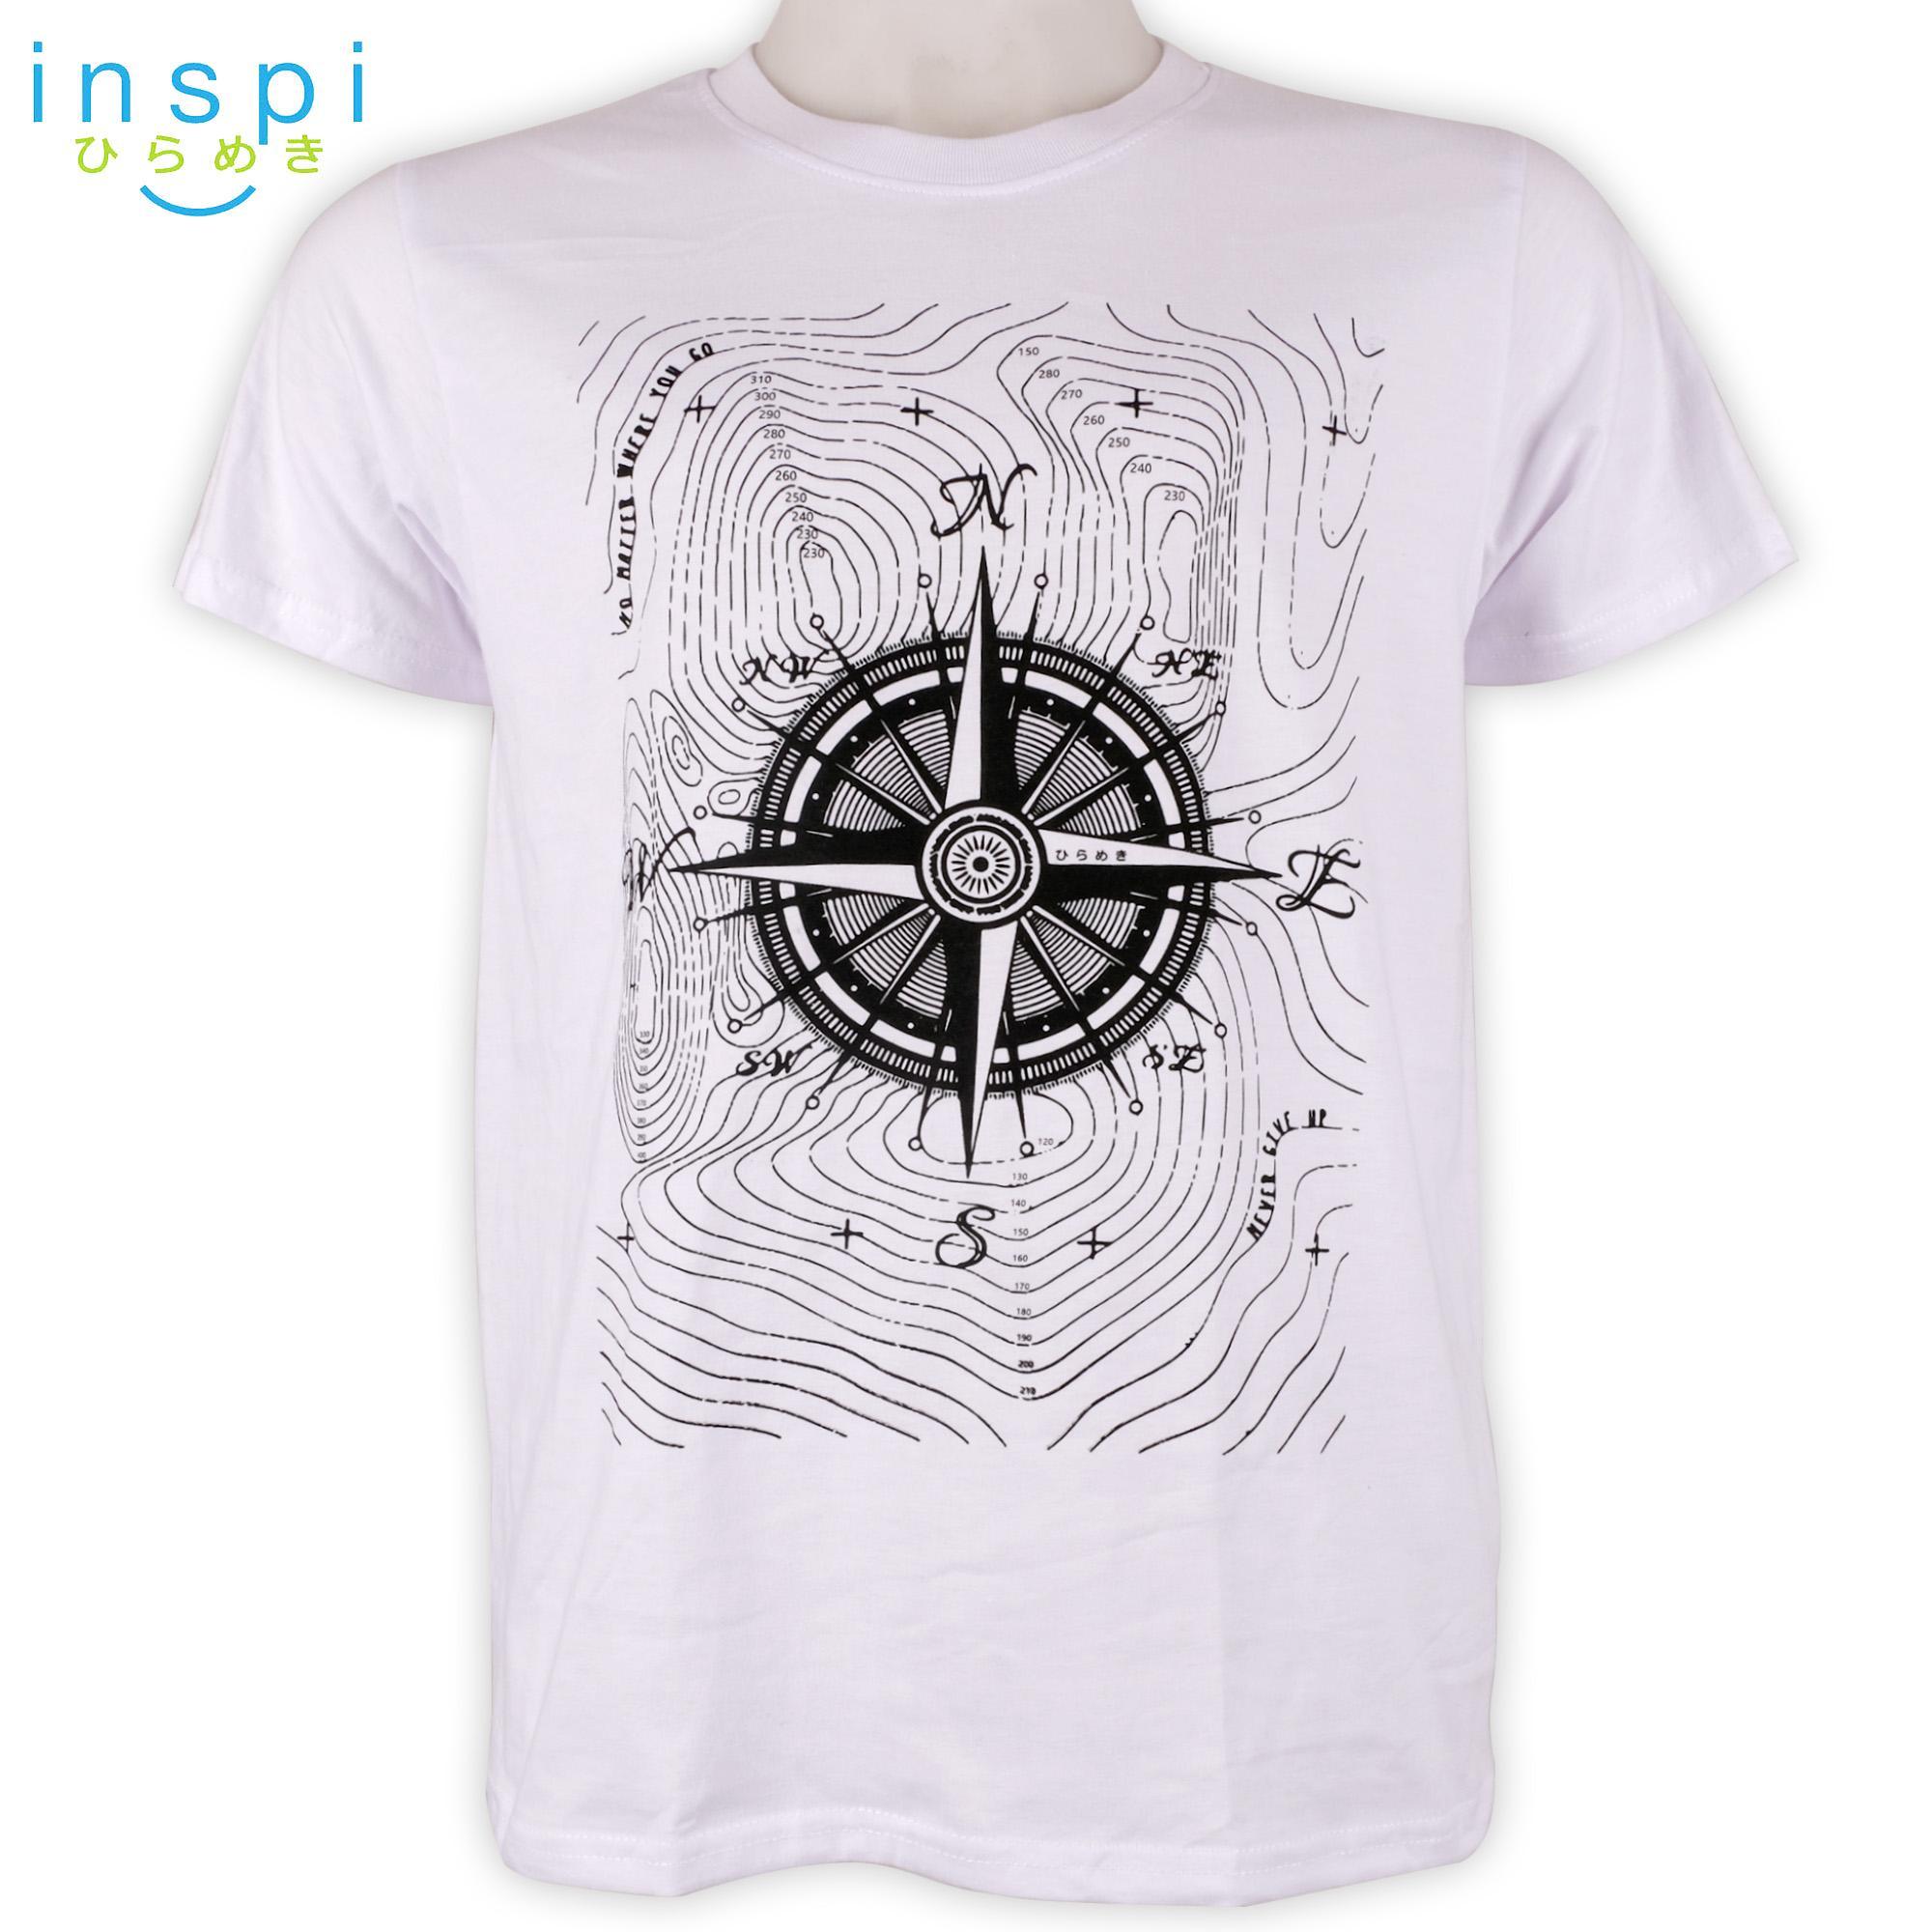 ca09b2b22 INSPI Tees Compass (White) tshirt printed graphic tee Mens t shirt shirts  for men